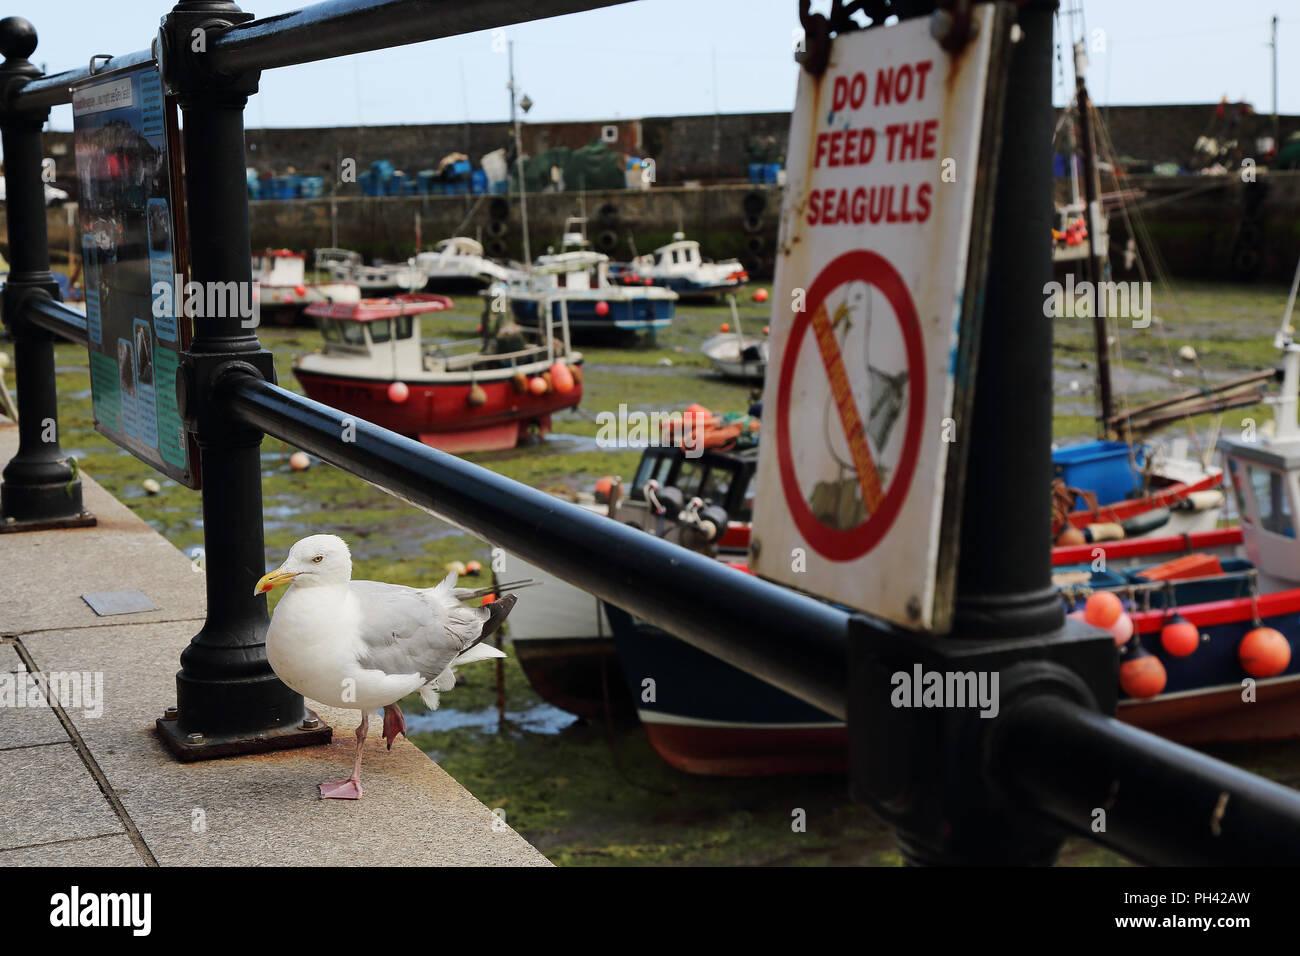 Una gaviota es mediante un anuncio la prohibición de la alimentación de estas aves en Mevagissey Harbor, Cornualles, en el Reino Unido. Imagen De Stock